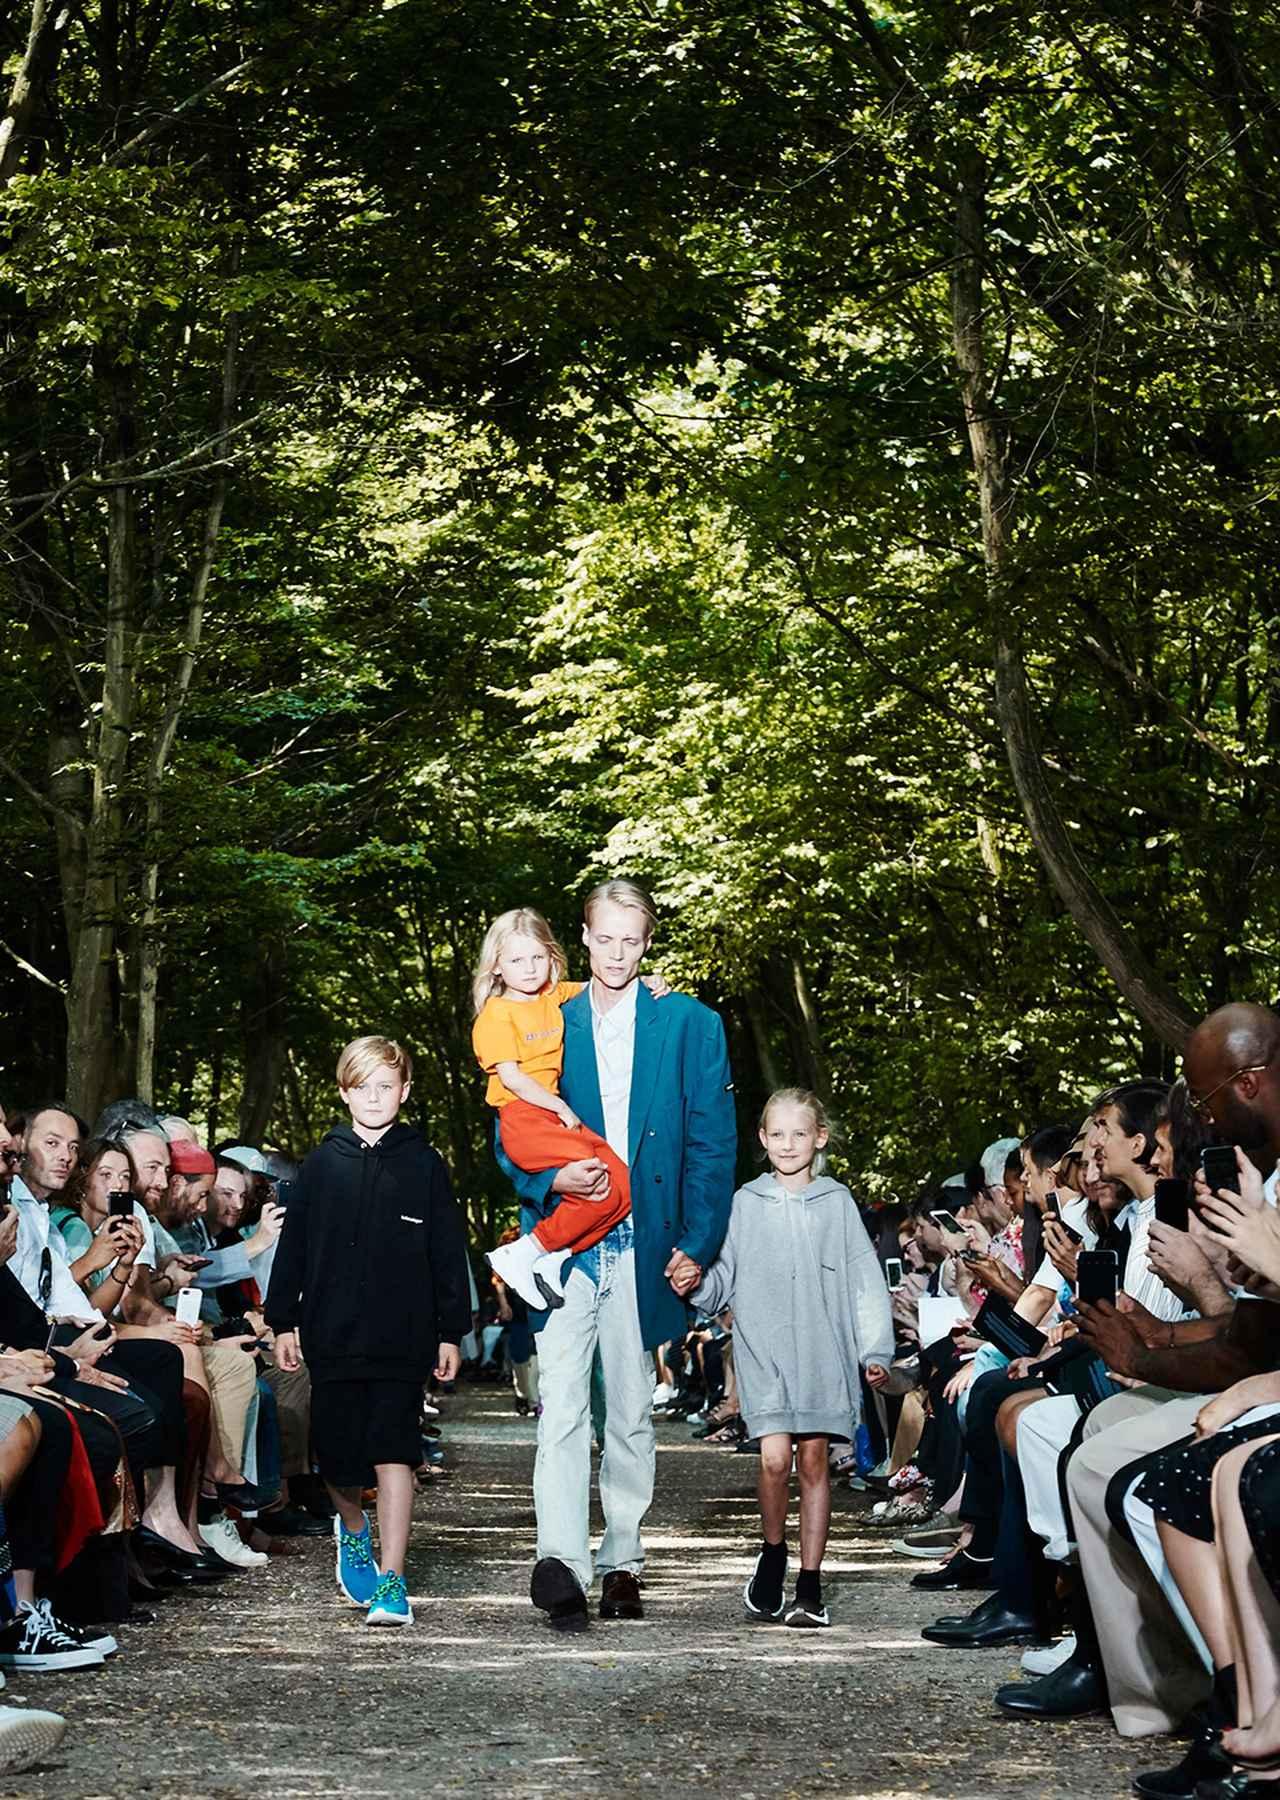 Images : 4番目の画像 - 「2018年春夏 パリ・メンズ・コレクションの ハイライト」のアルバム - T JAPAN:The New York Times Style Magazine 公式サイト